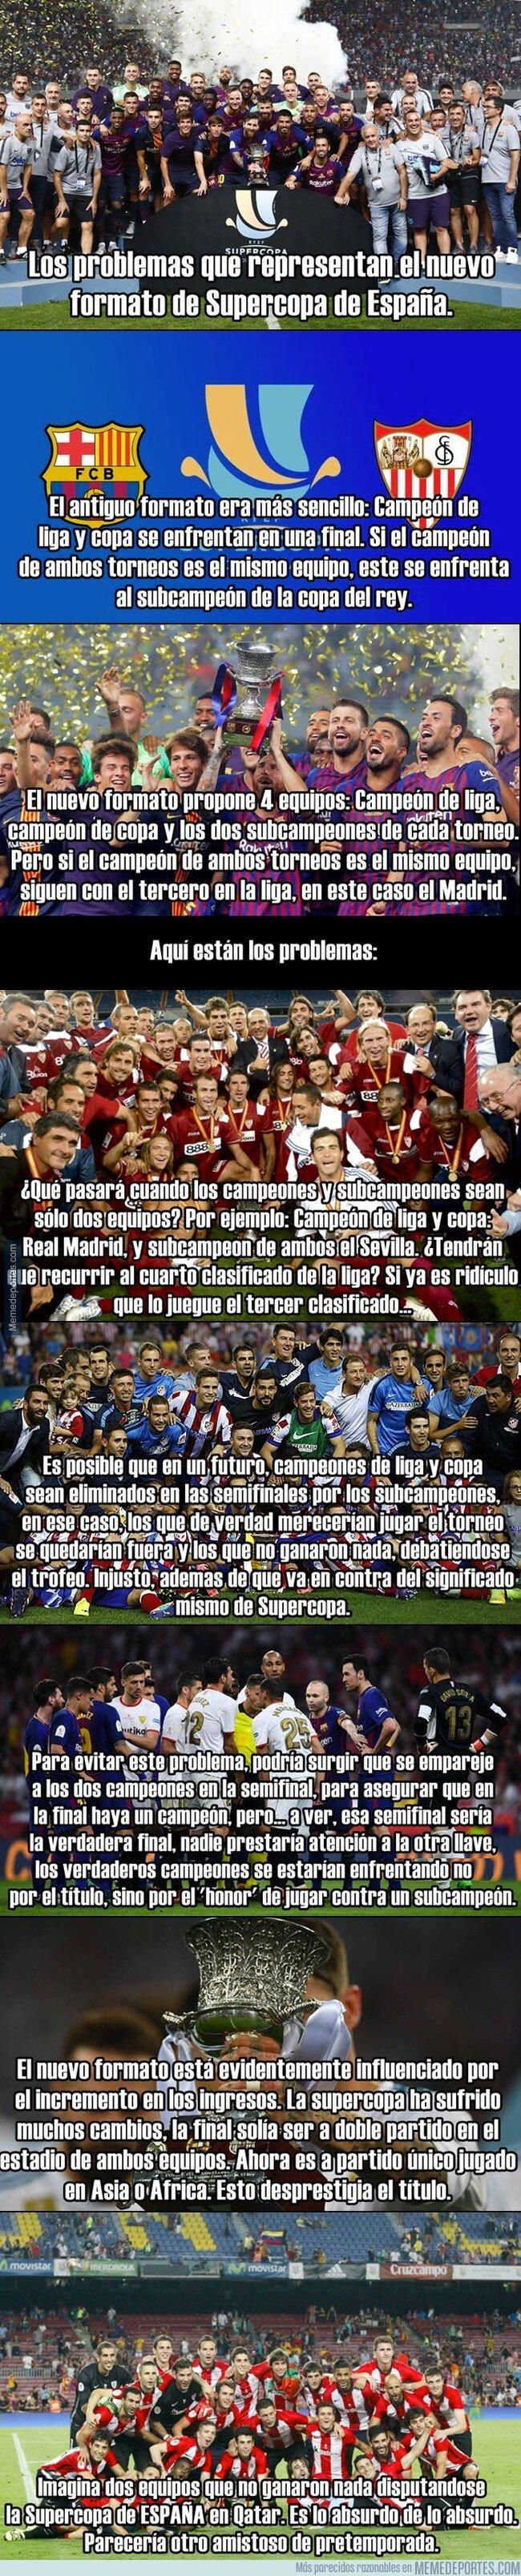 1072980 - Los absurdos que plantea el nuevo cambio de formato en la Supercopa de España